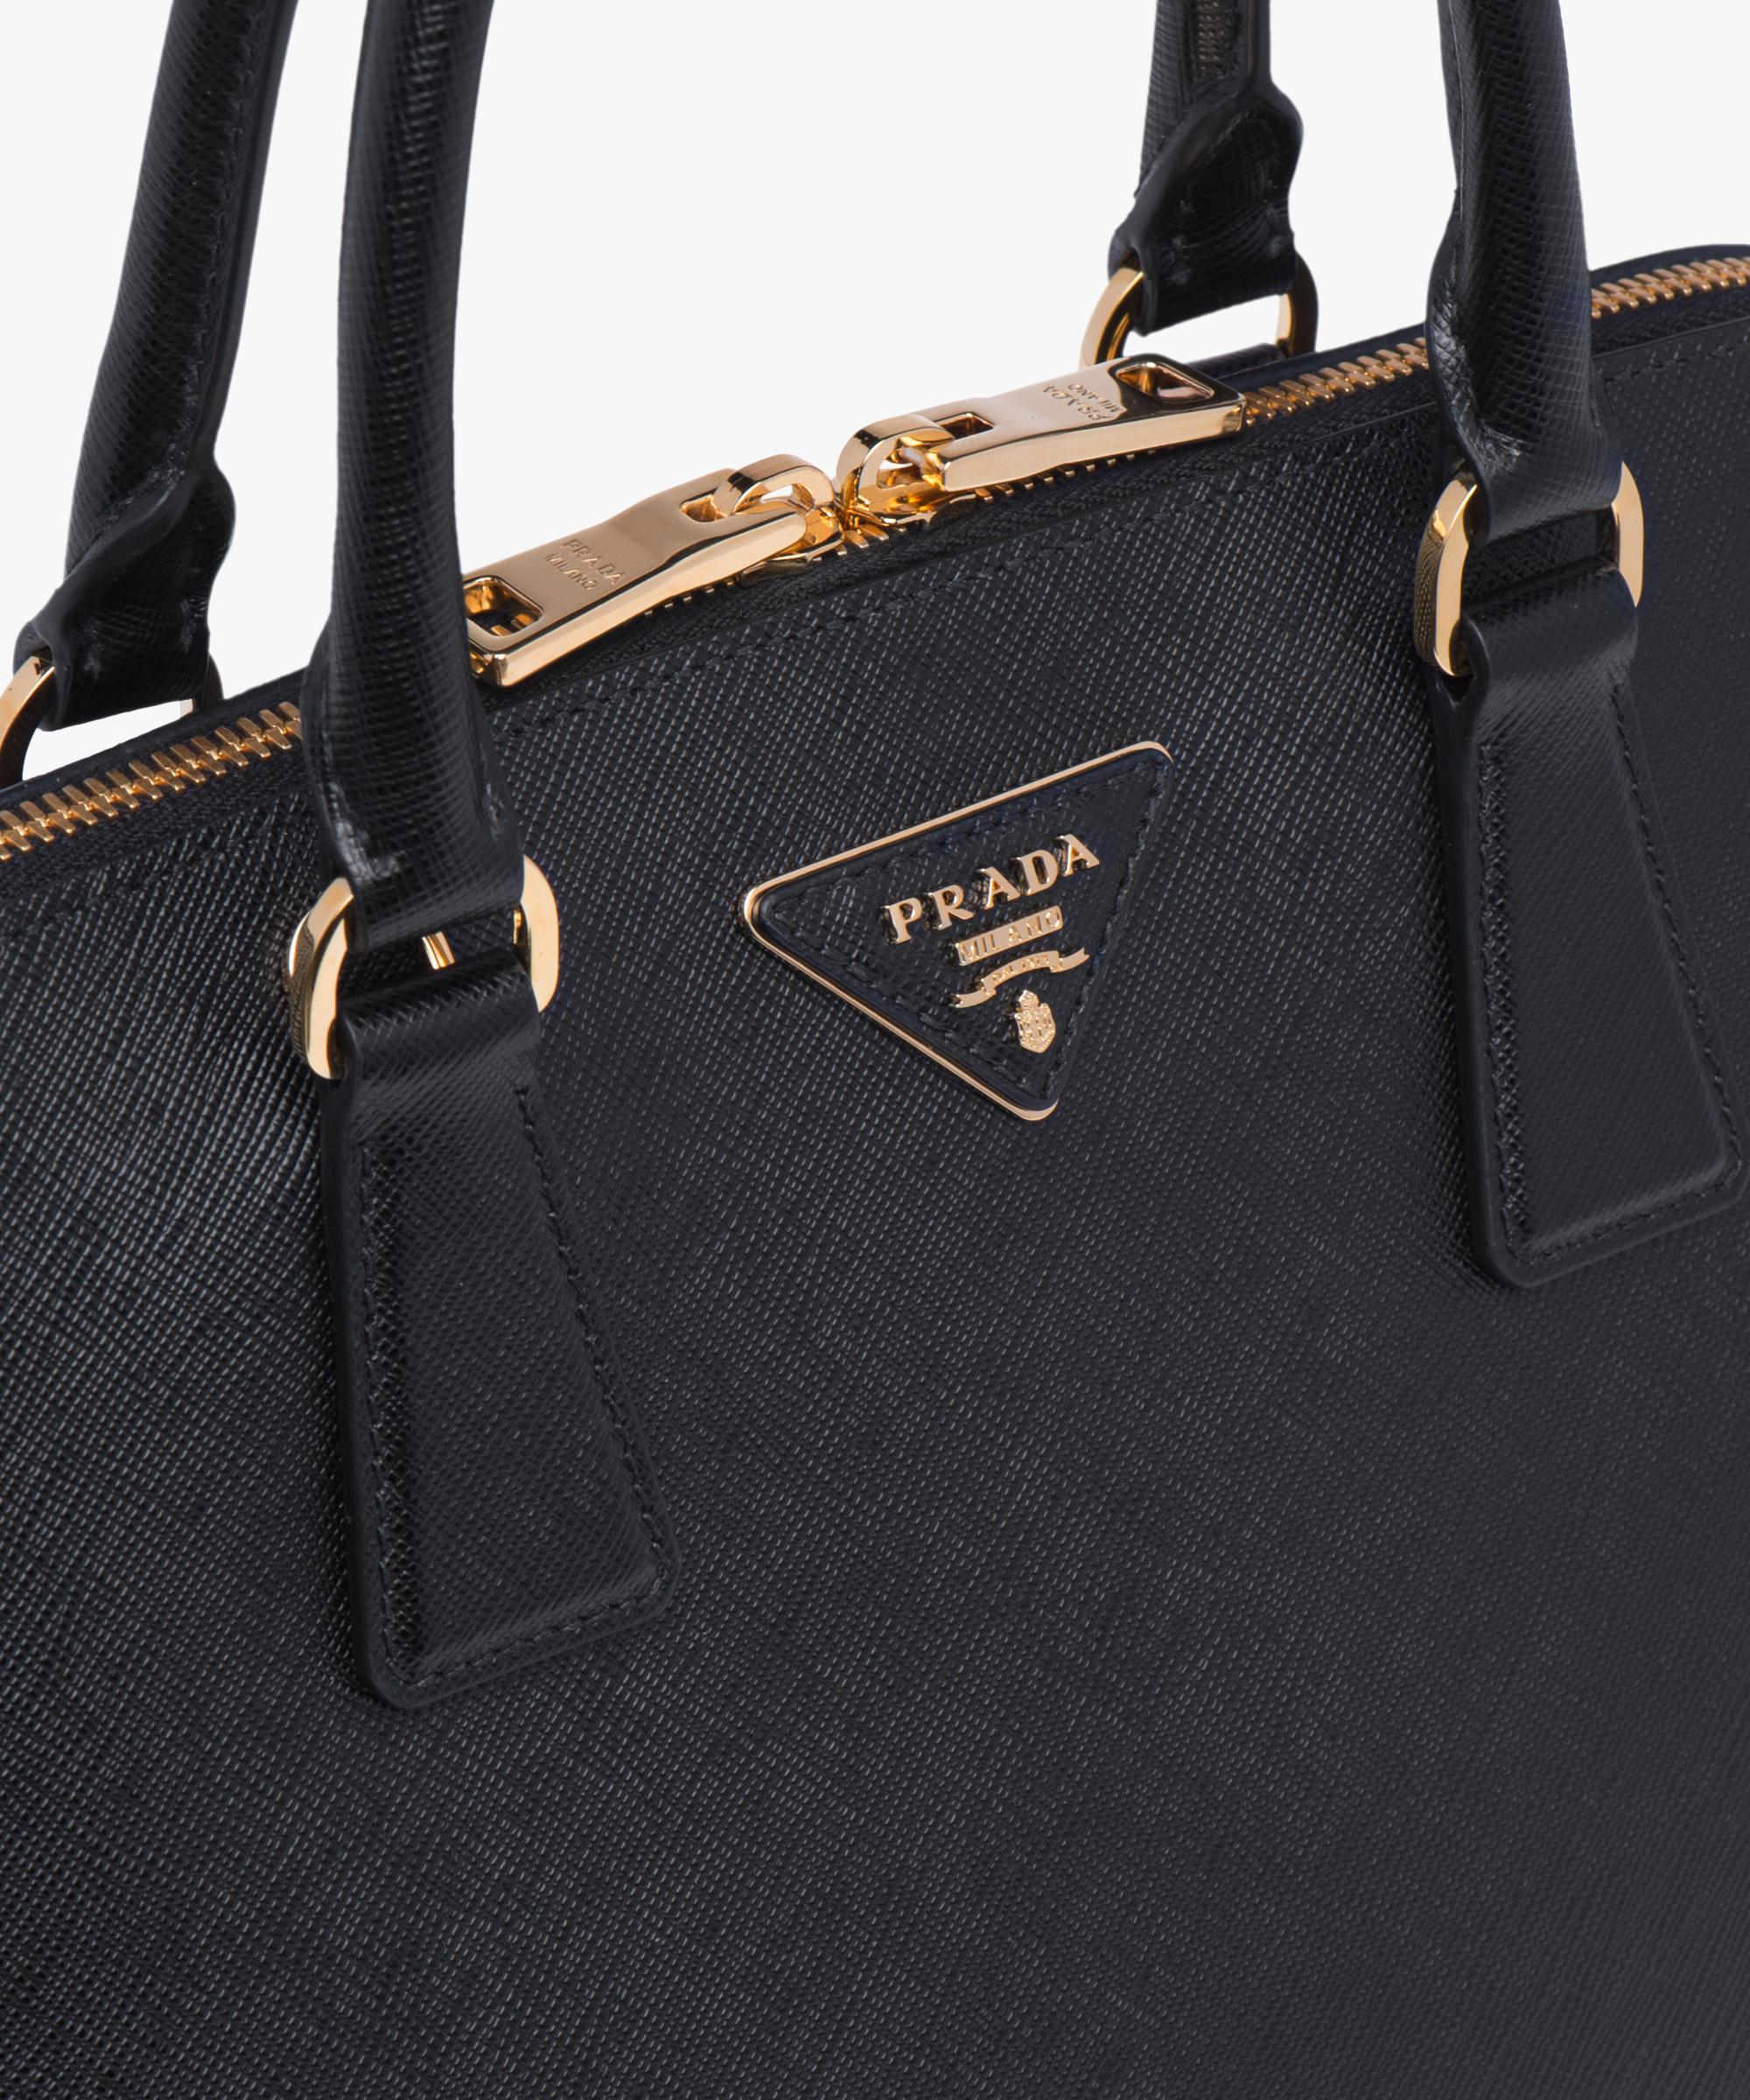 c87a4fa527a6 ... Prada Promenade Saffiano Leather Bag Prada BLACK ...